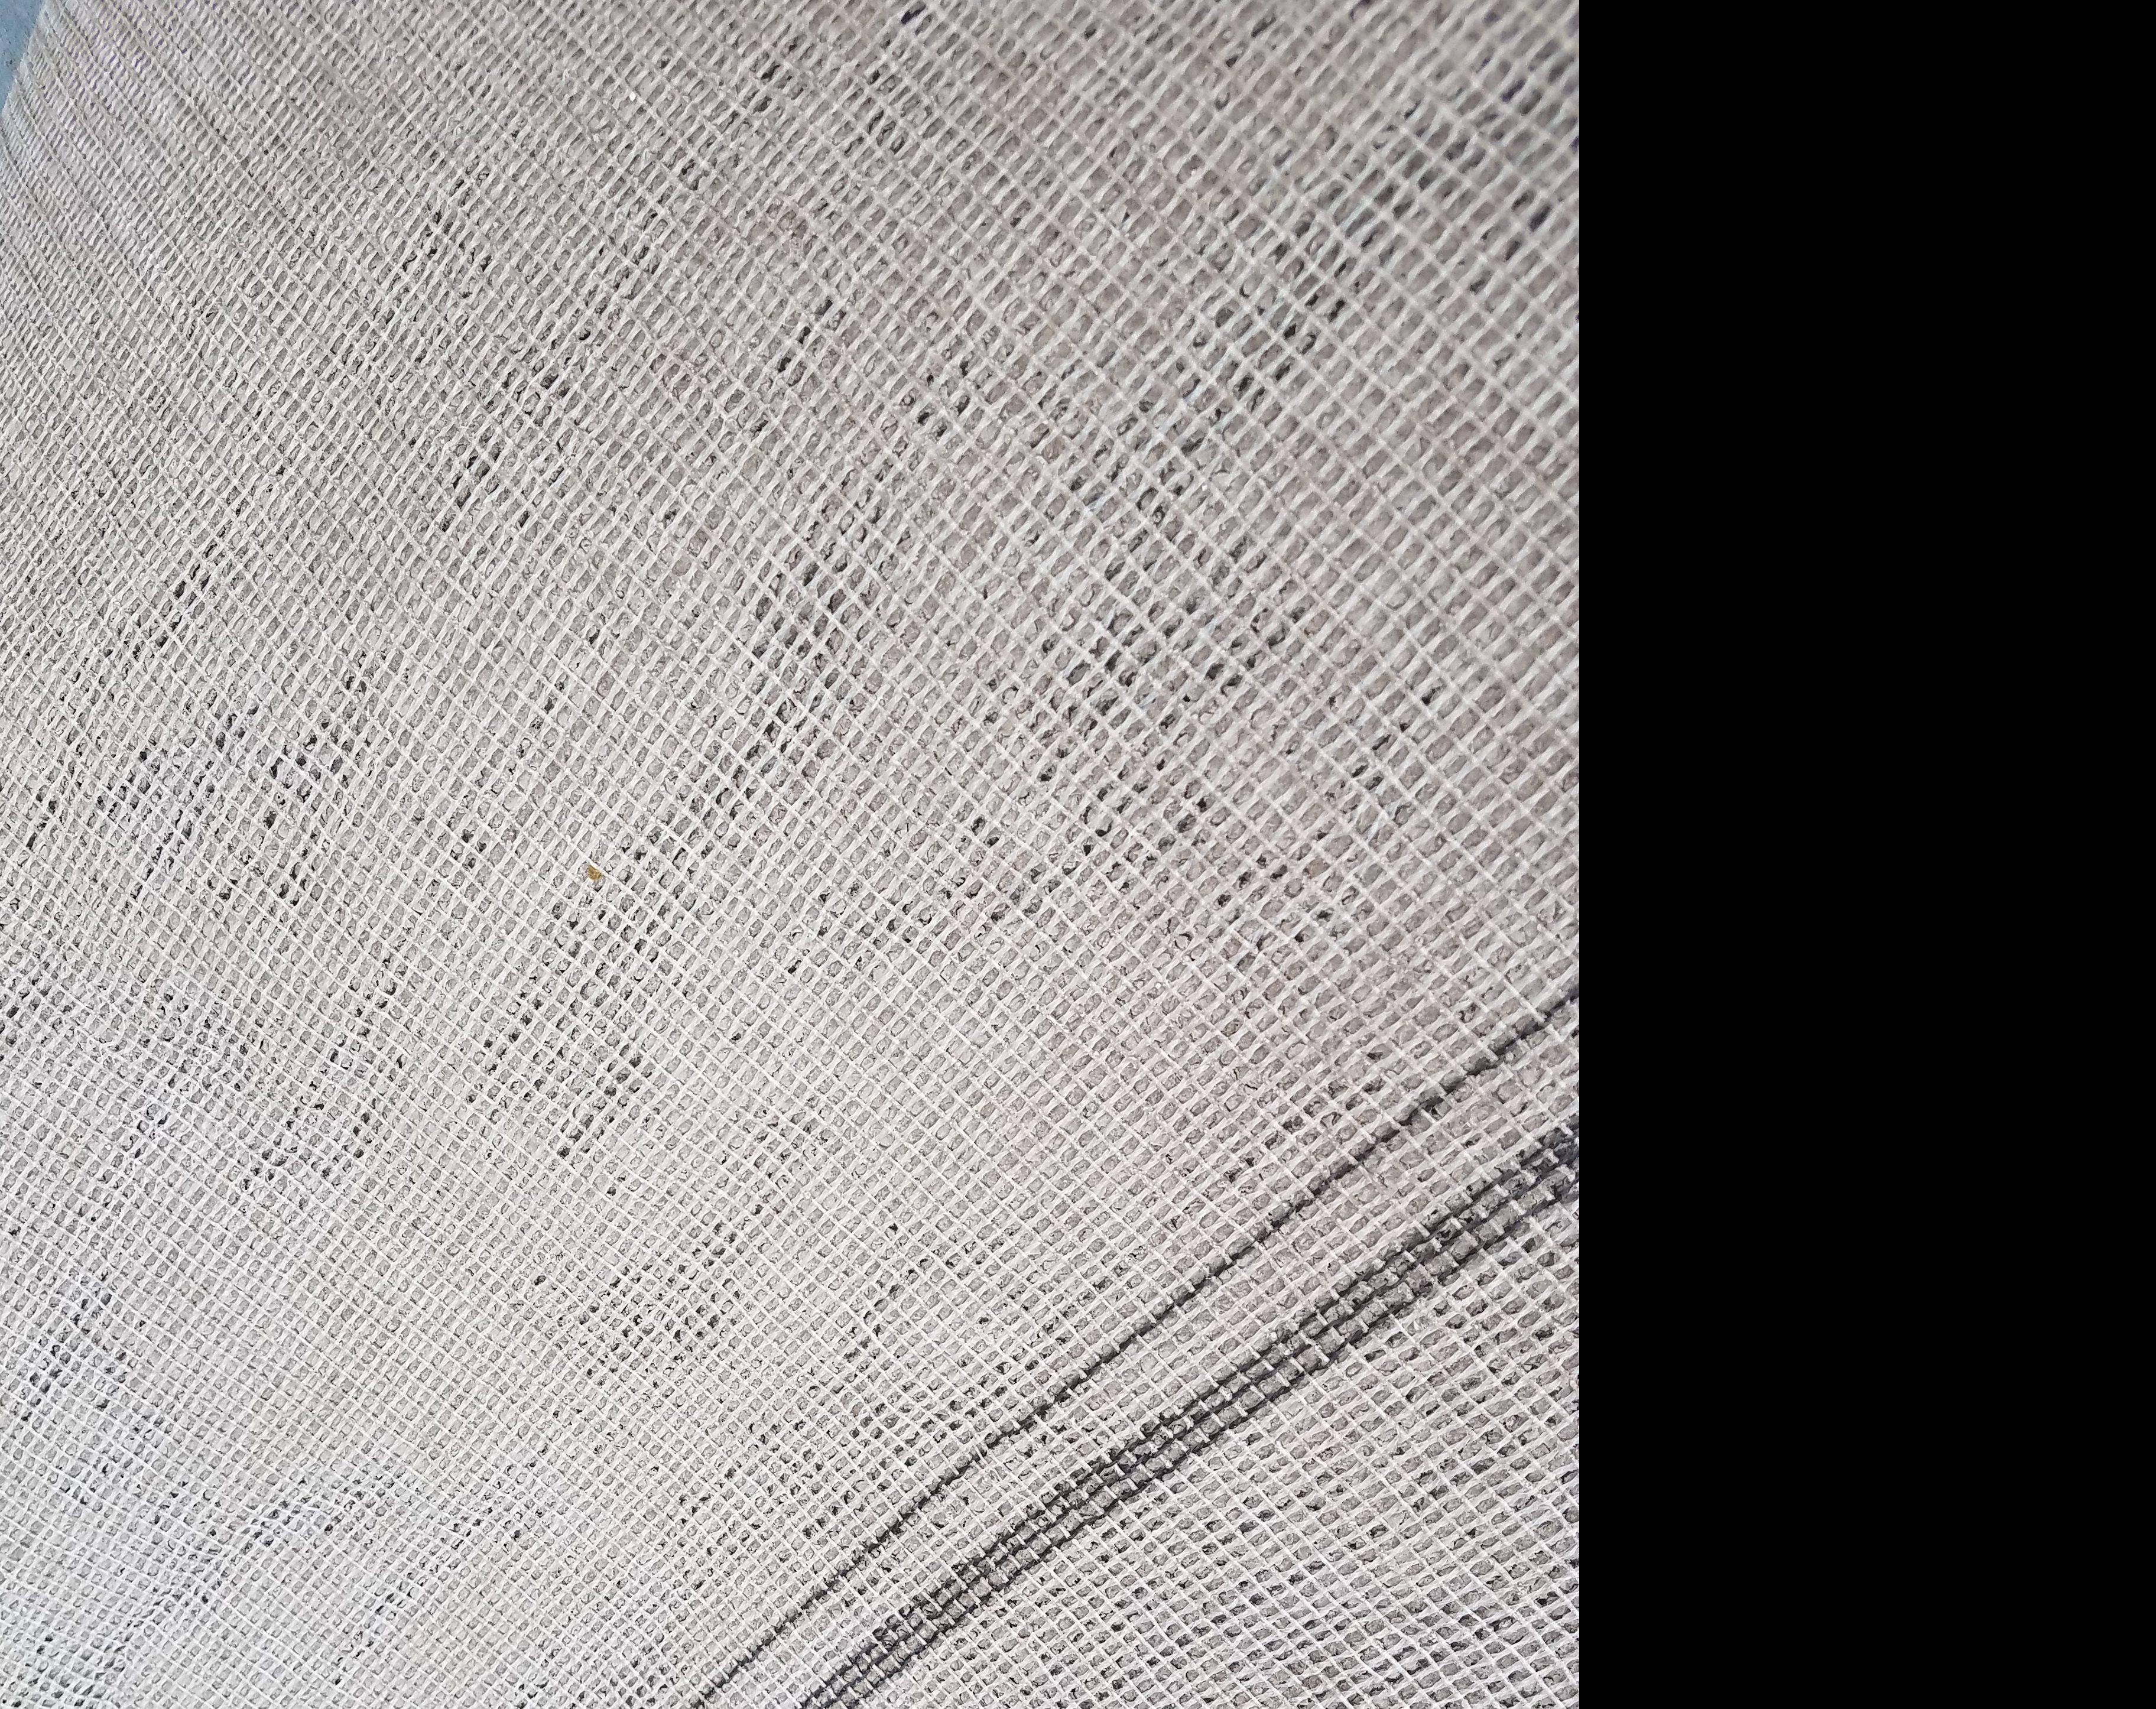 Carpet delamination